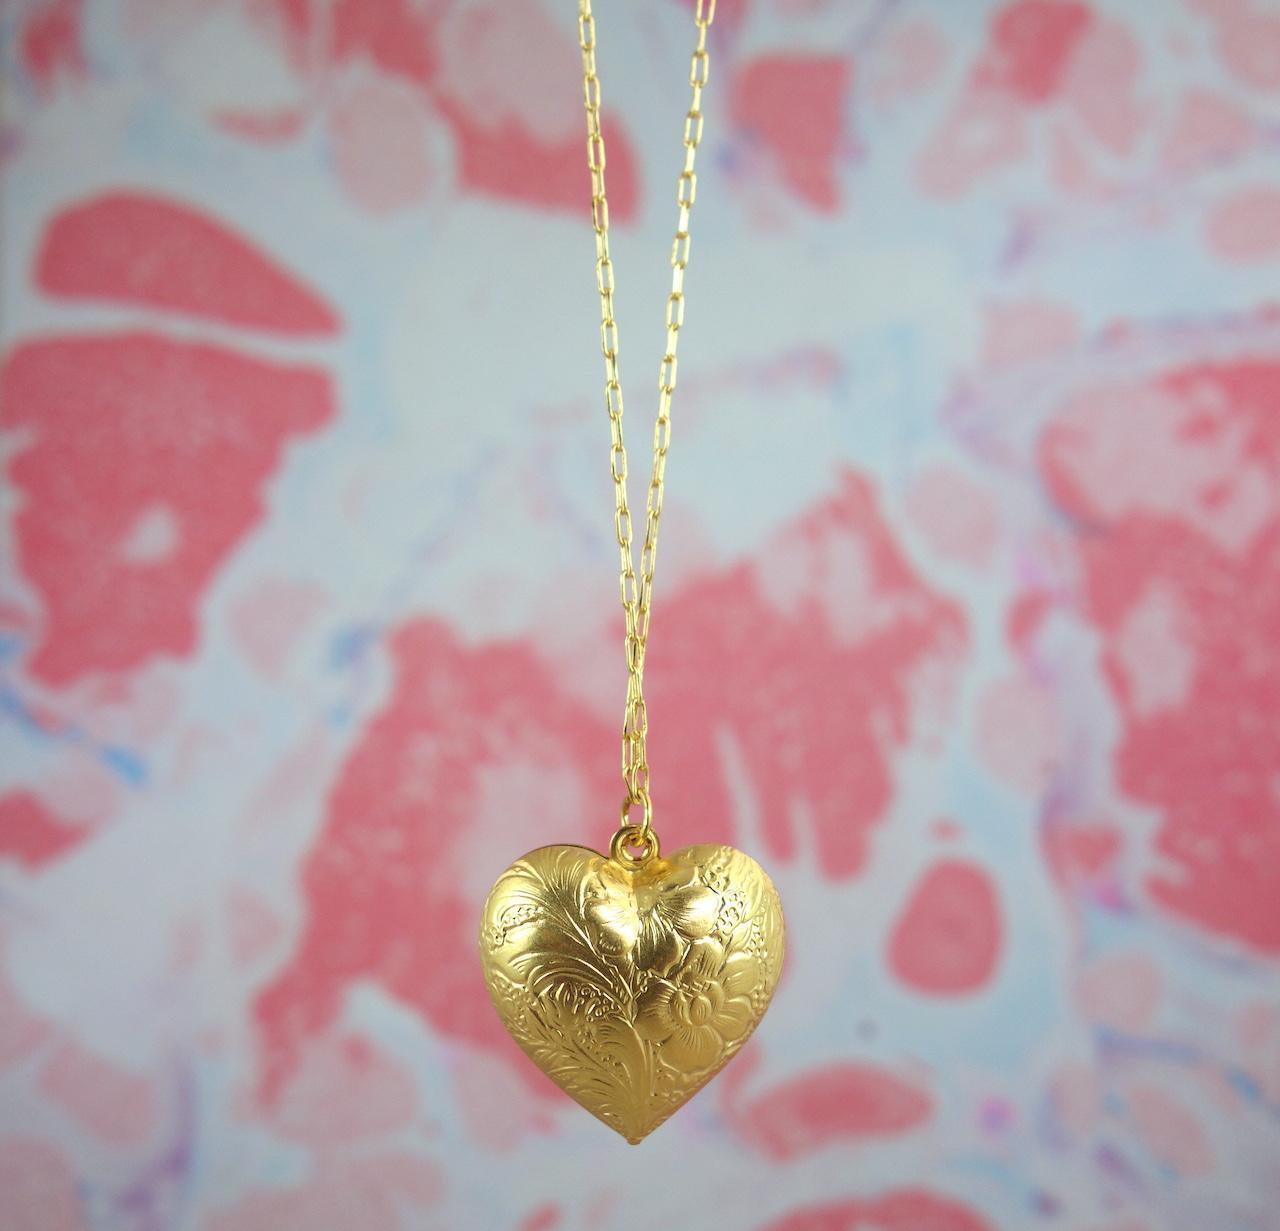 collier-sautoir-Saskia-roulotte-dore-or-fin-retro-vintage-ouvrage-amour-coeur-precieux